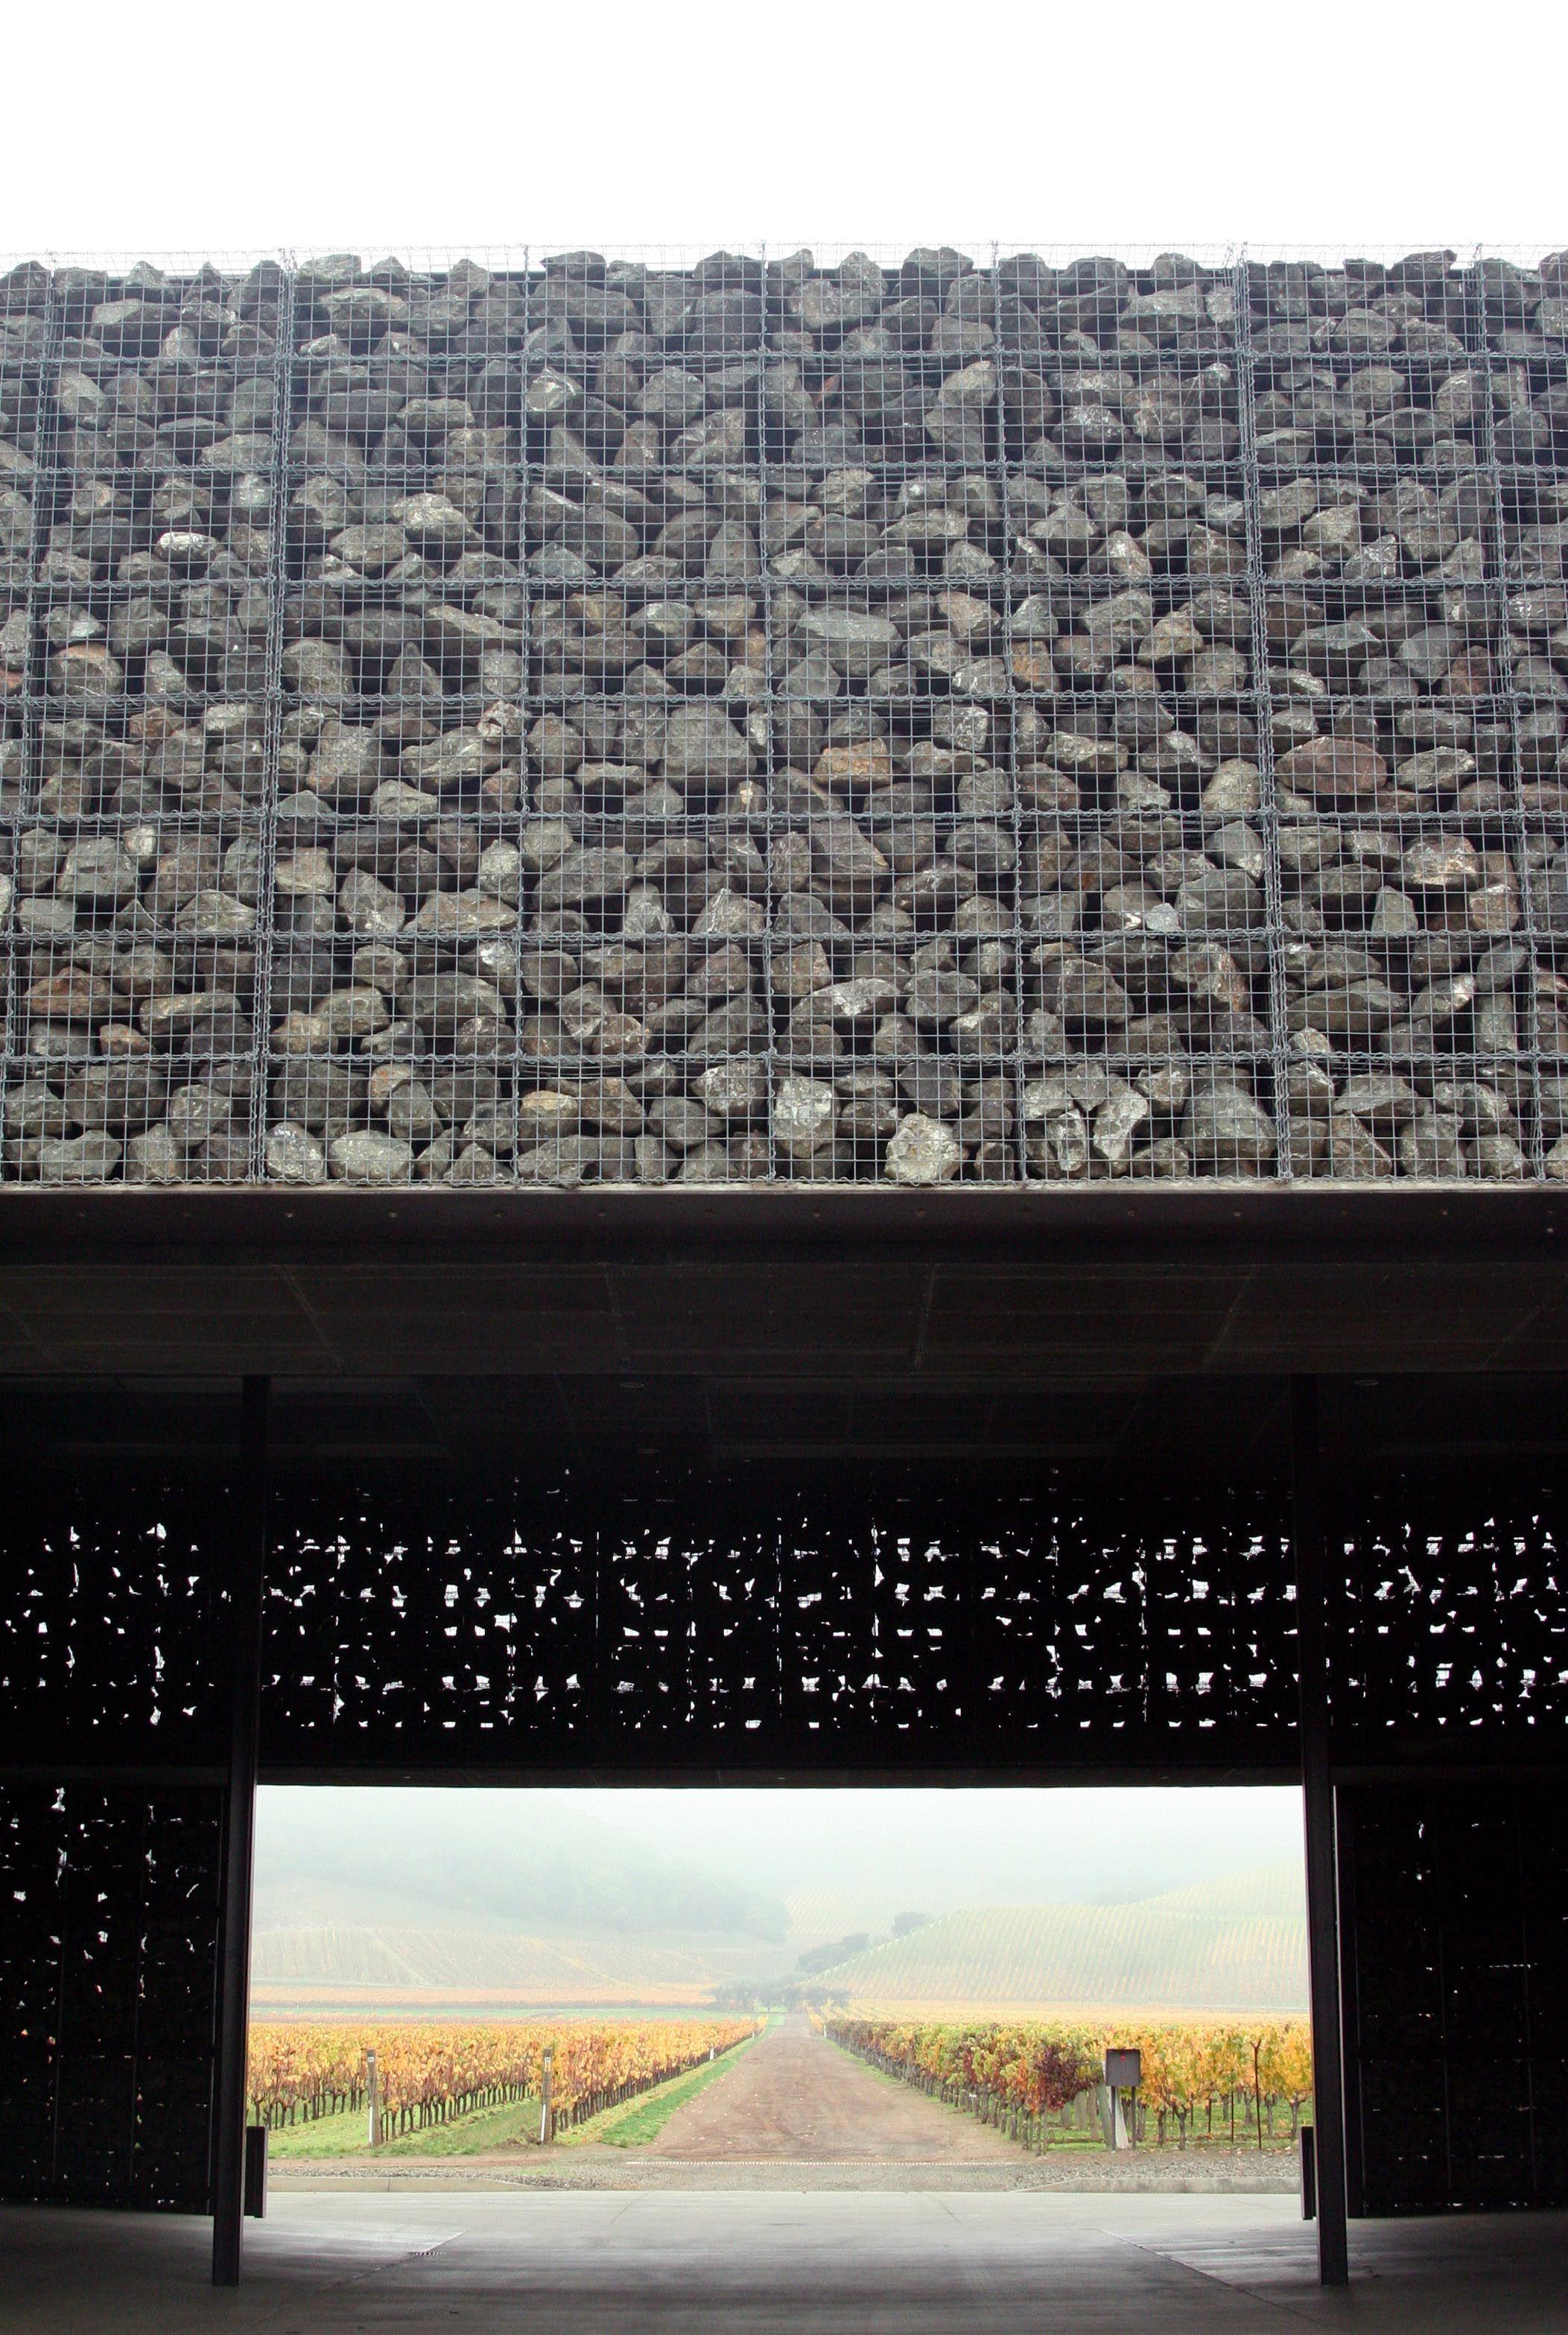 Dominus winery cool sign pinterest architektur und for Minimalismus architektur